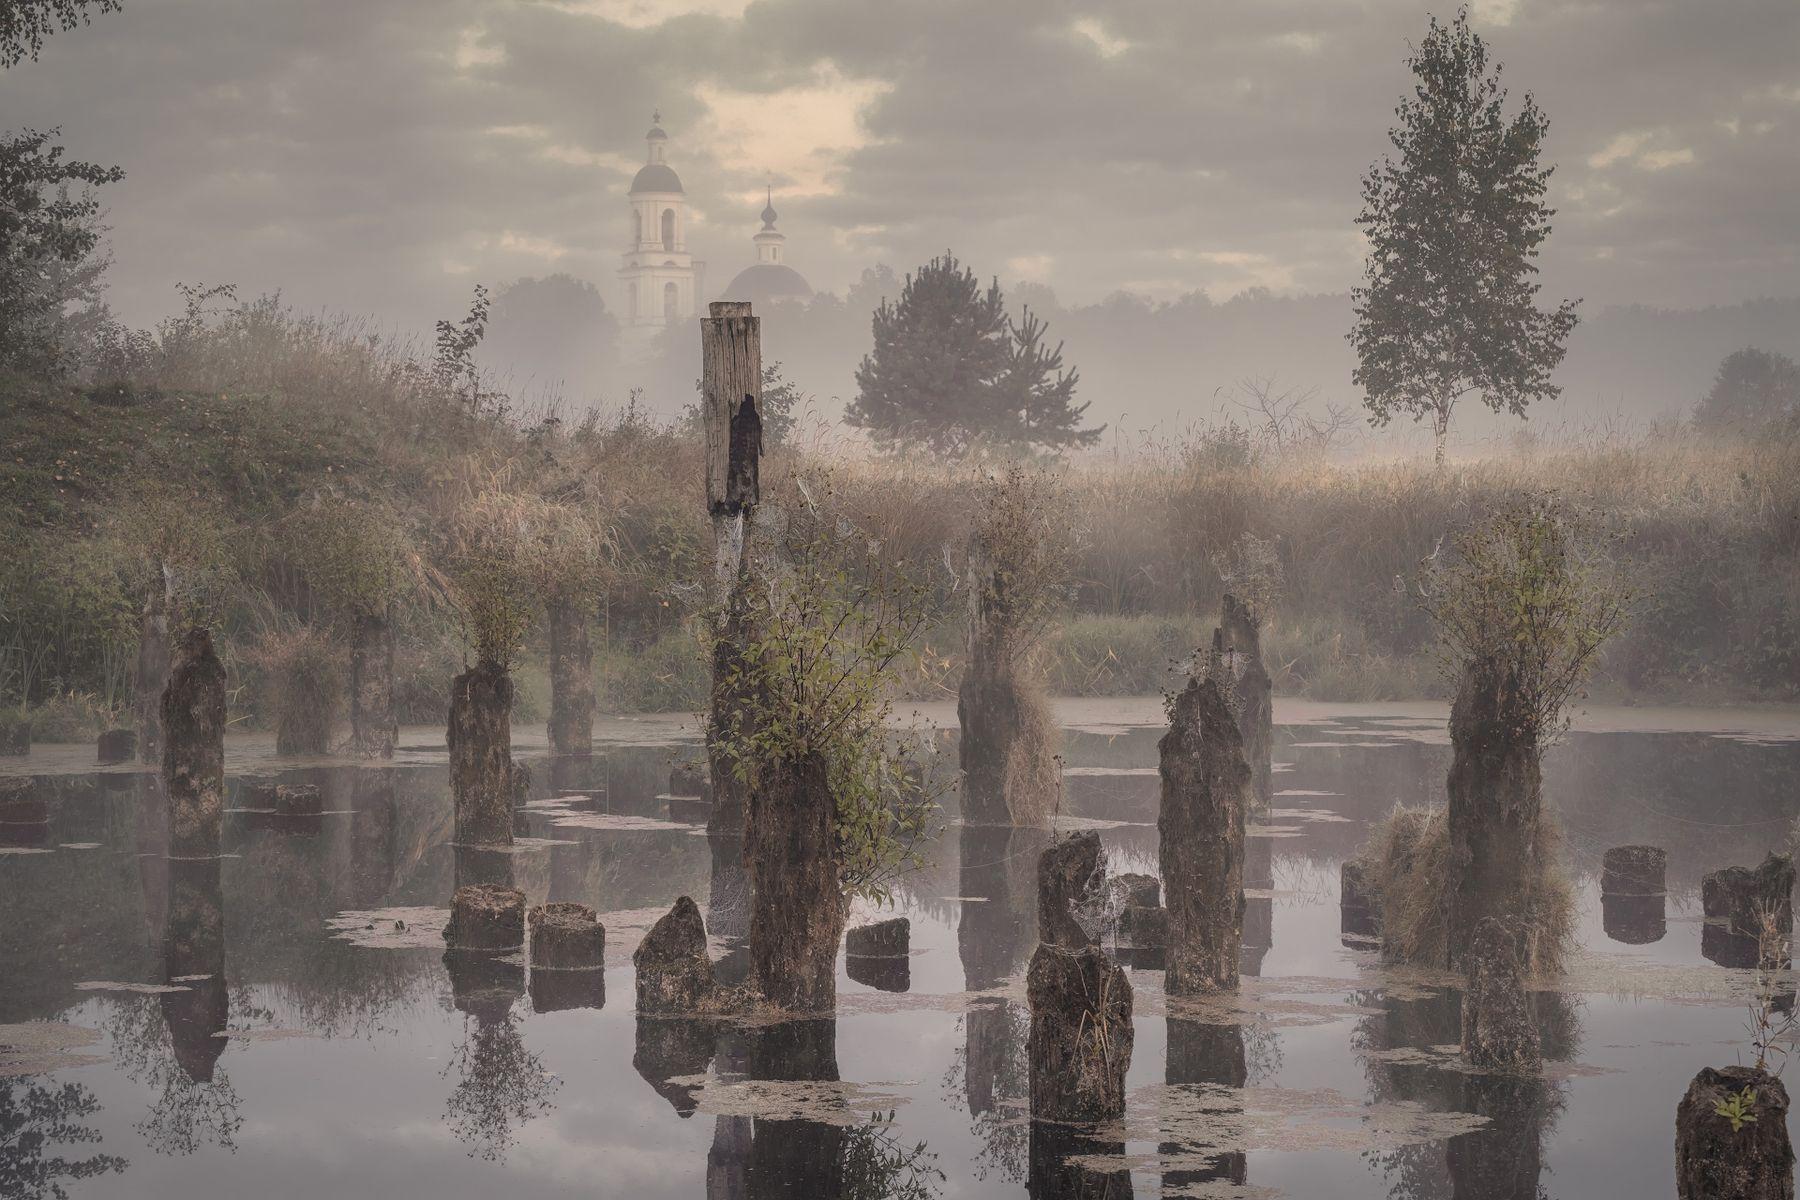 Рассвет в приглушенных тонах утро рассвет пруд церковь сваи туман природа пейзаж филипповское